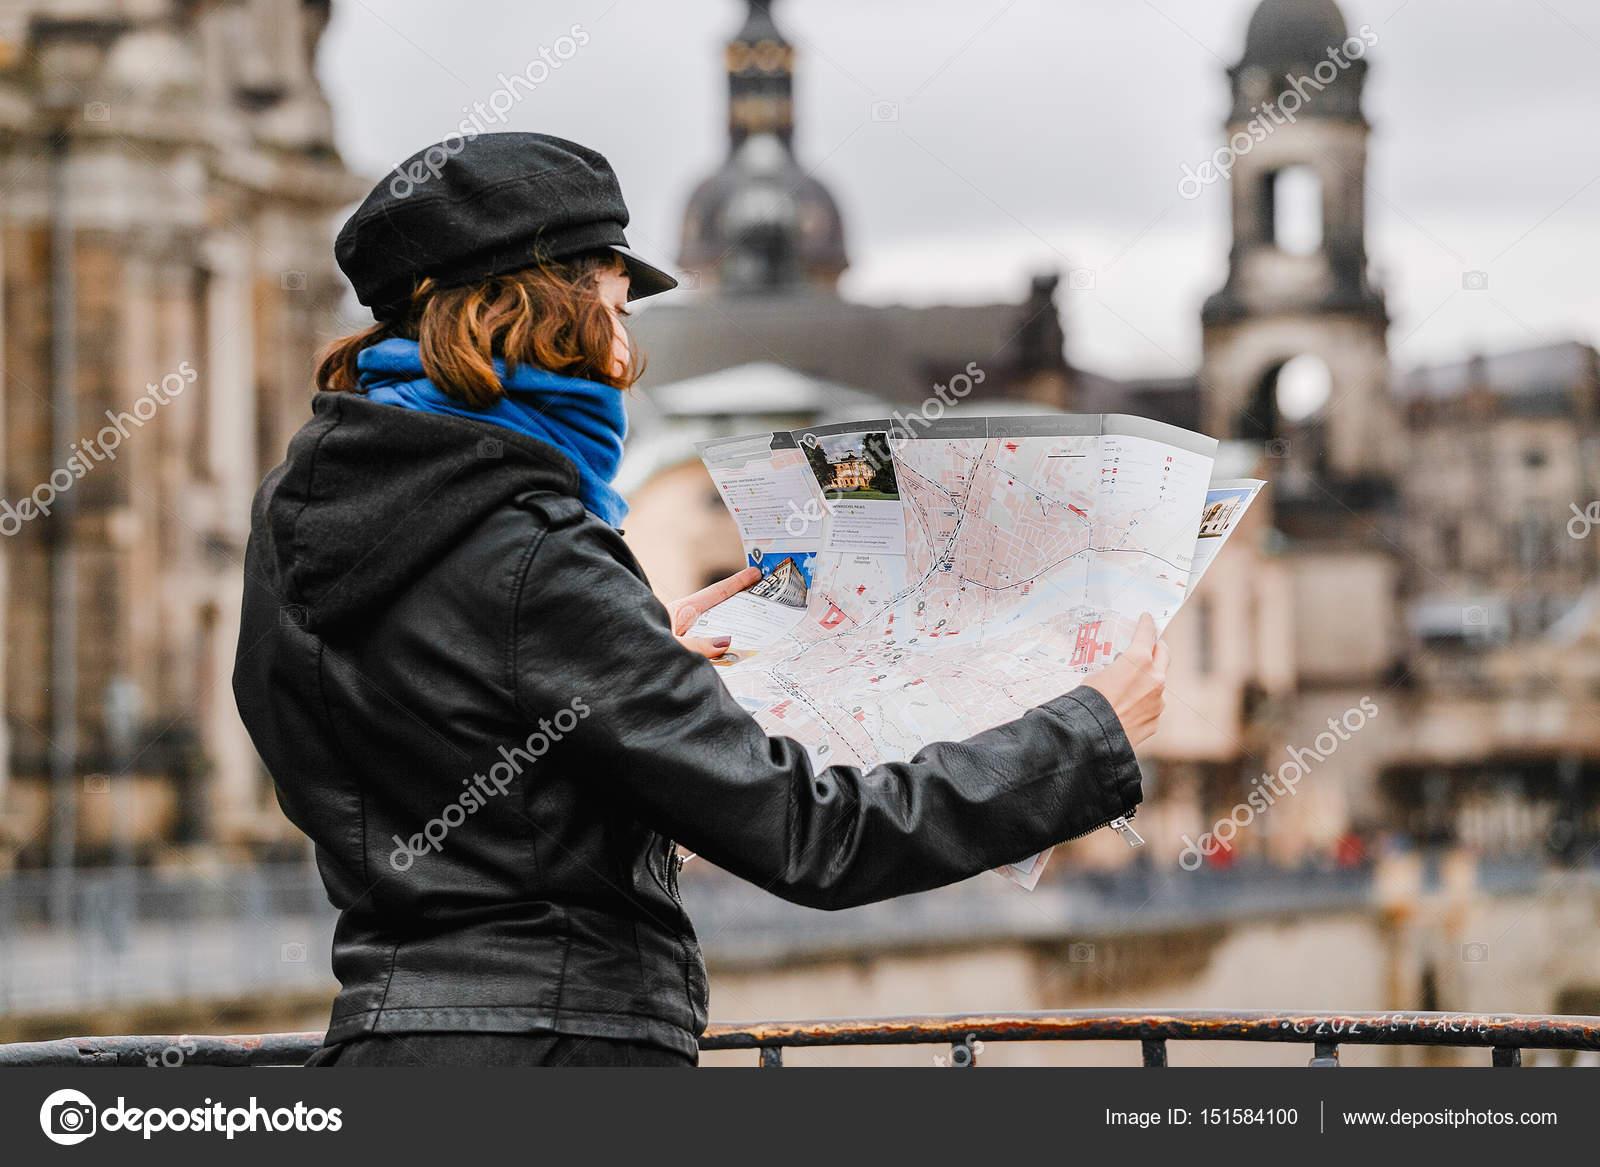 tyskland karta dresden Dresden, Tyskland, 21 mars 2017: Kvinna som tittar till karta över  tyskland karta dresden